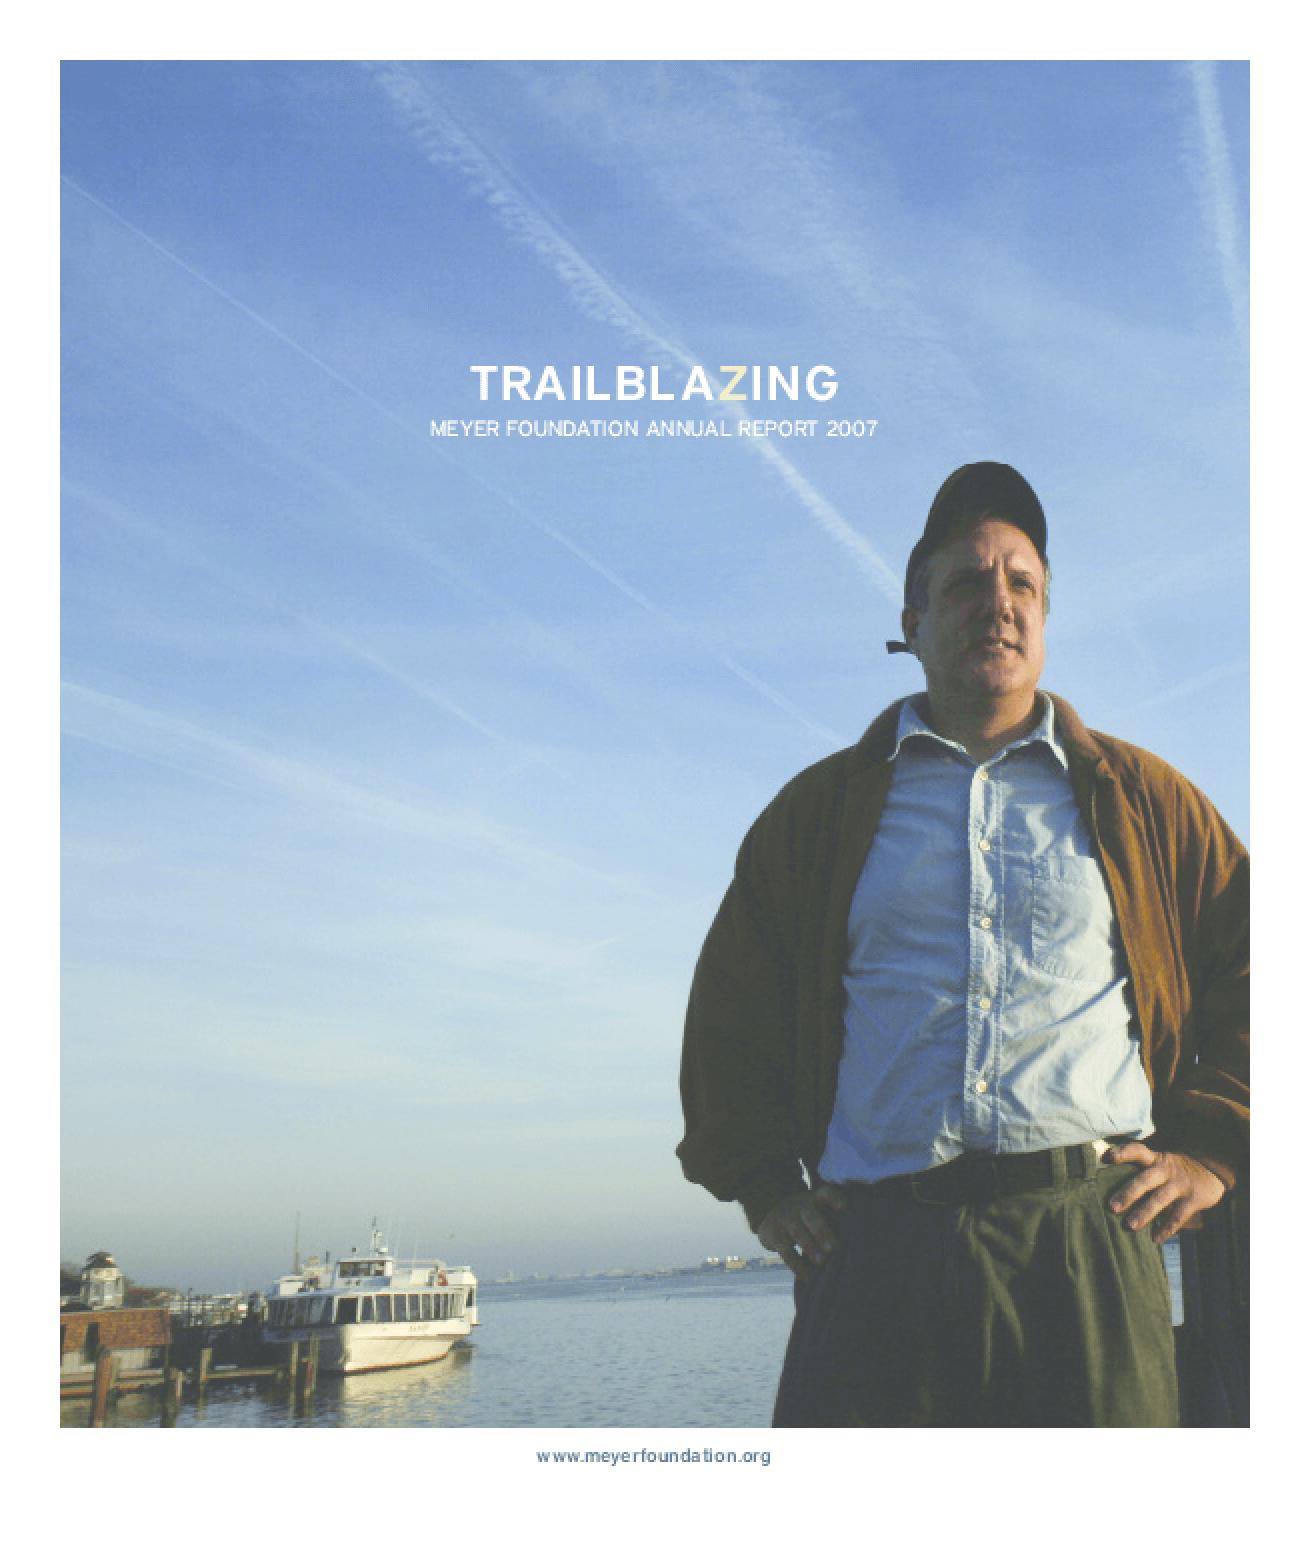 Eugene and Agnes E. Meyer Foundation - 2007 Annual Report: Trailblazing